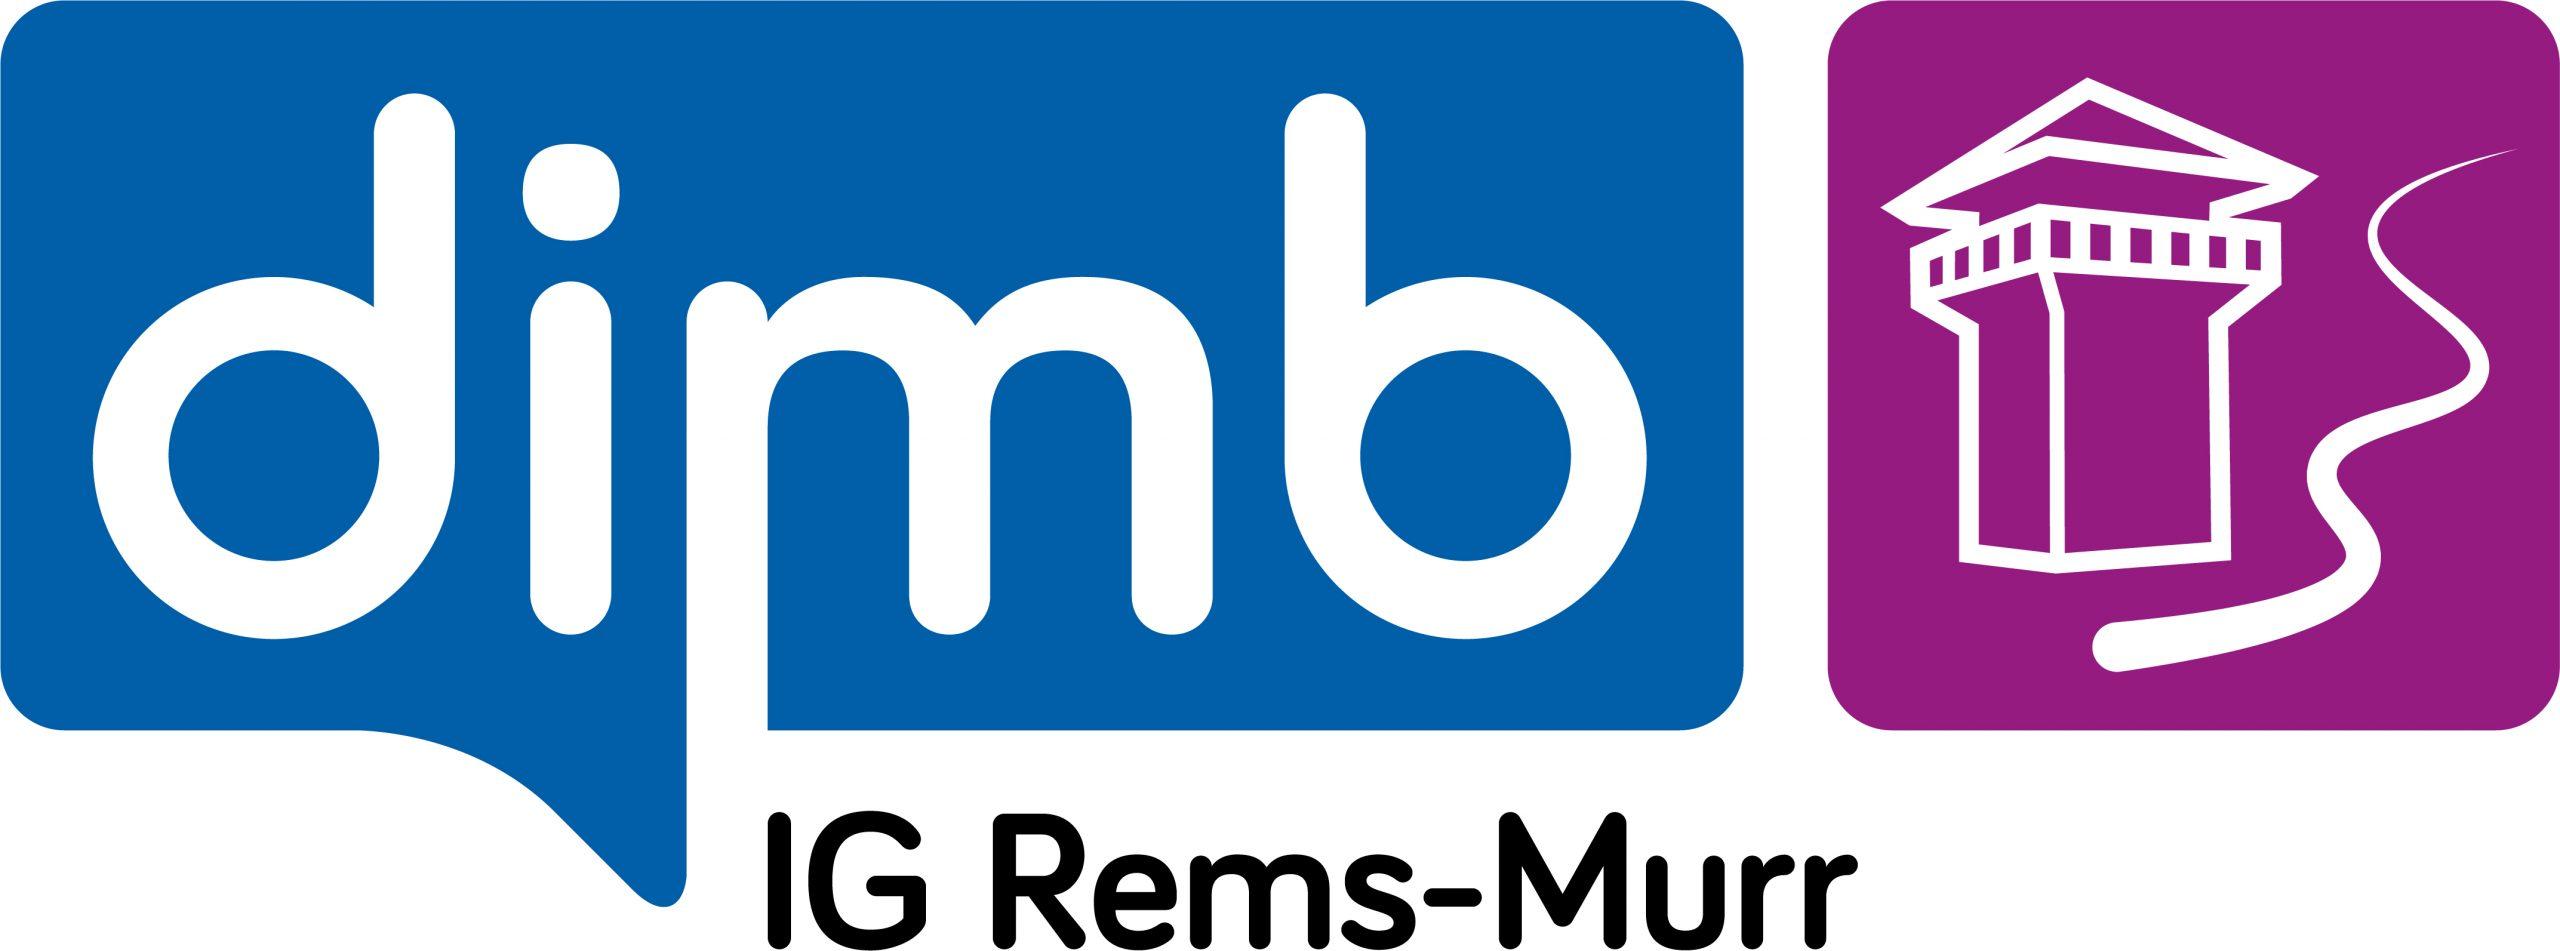 DIMB IG Rems-Murr